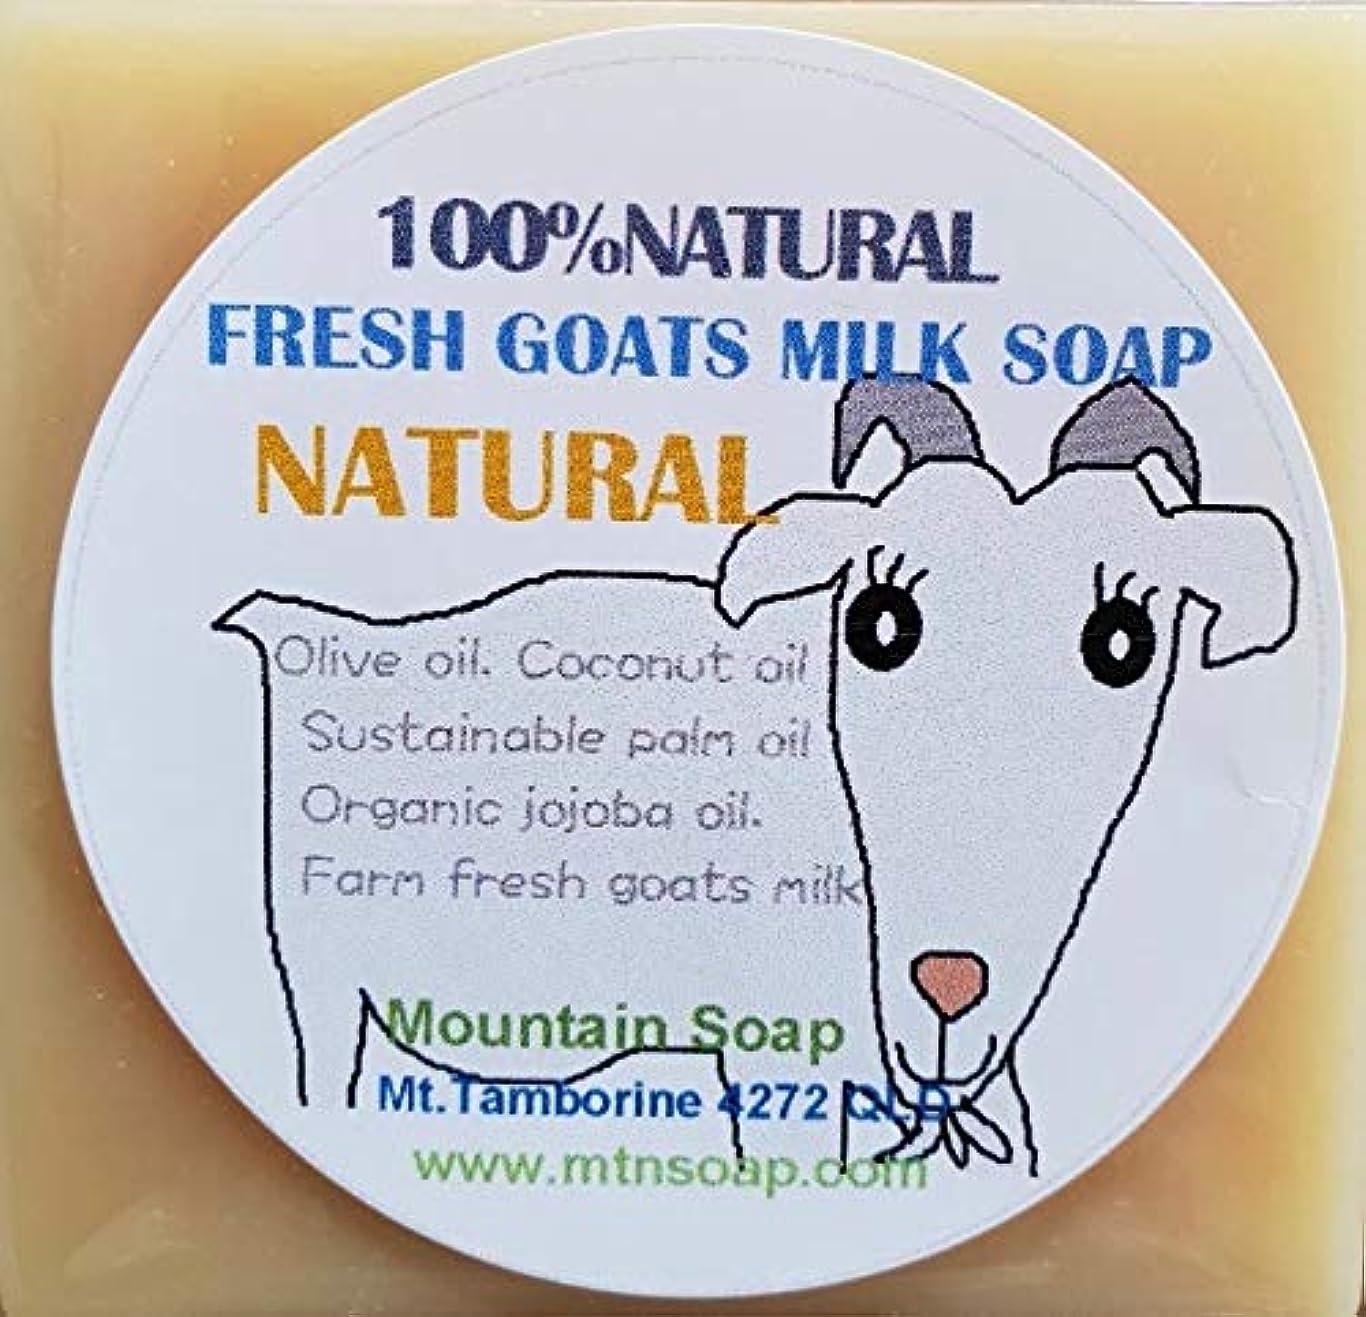 教会マンモス称賛【Mountain Soap】マウンテンソープ 農場直送絞りたて生乳使用 ゴートミルク石鹸 ナチュラル